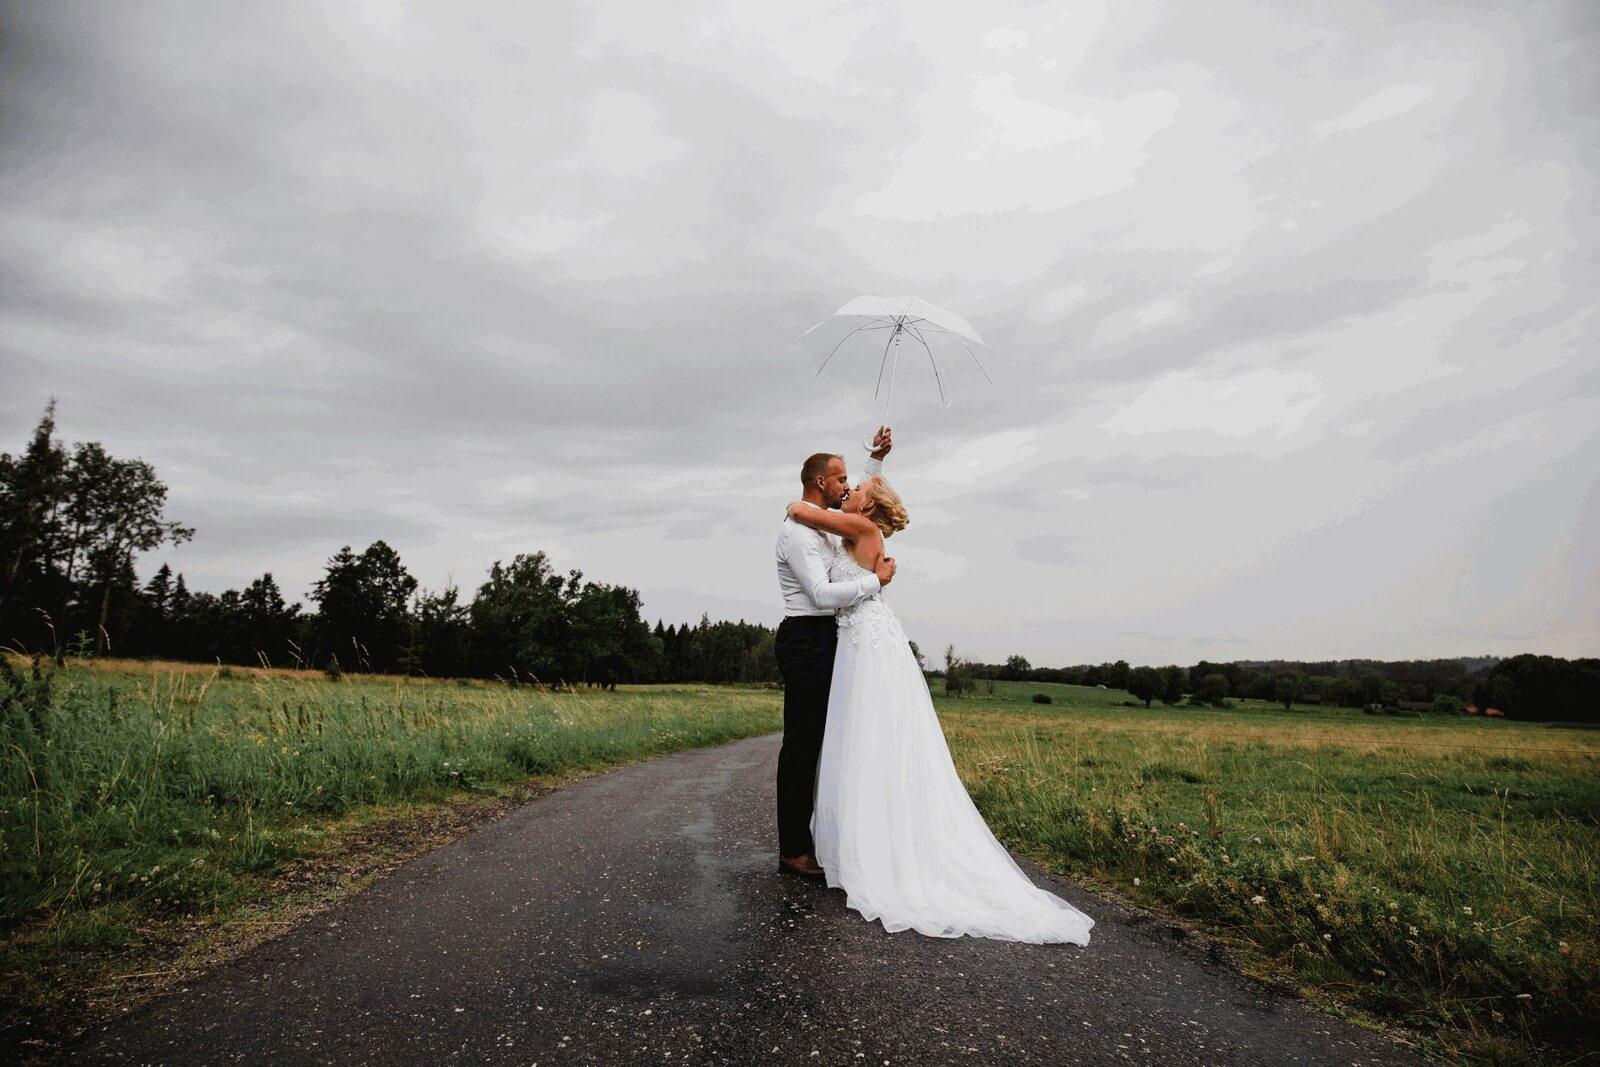 svatba v dešti, déšť, svatba, milevsko, , klášter, vesnická svatba, dražka, svatební fotograf nej, krenek,